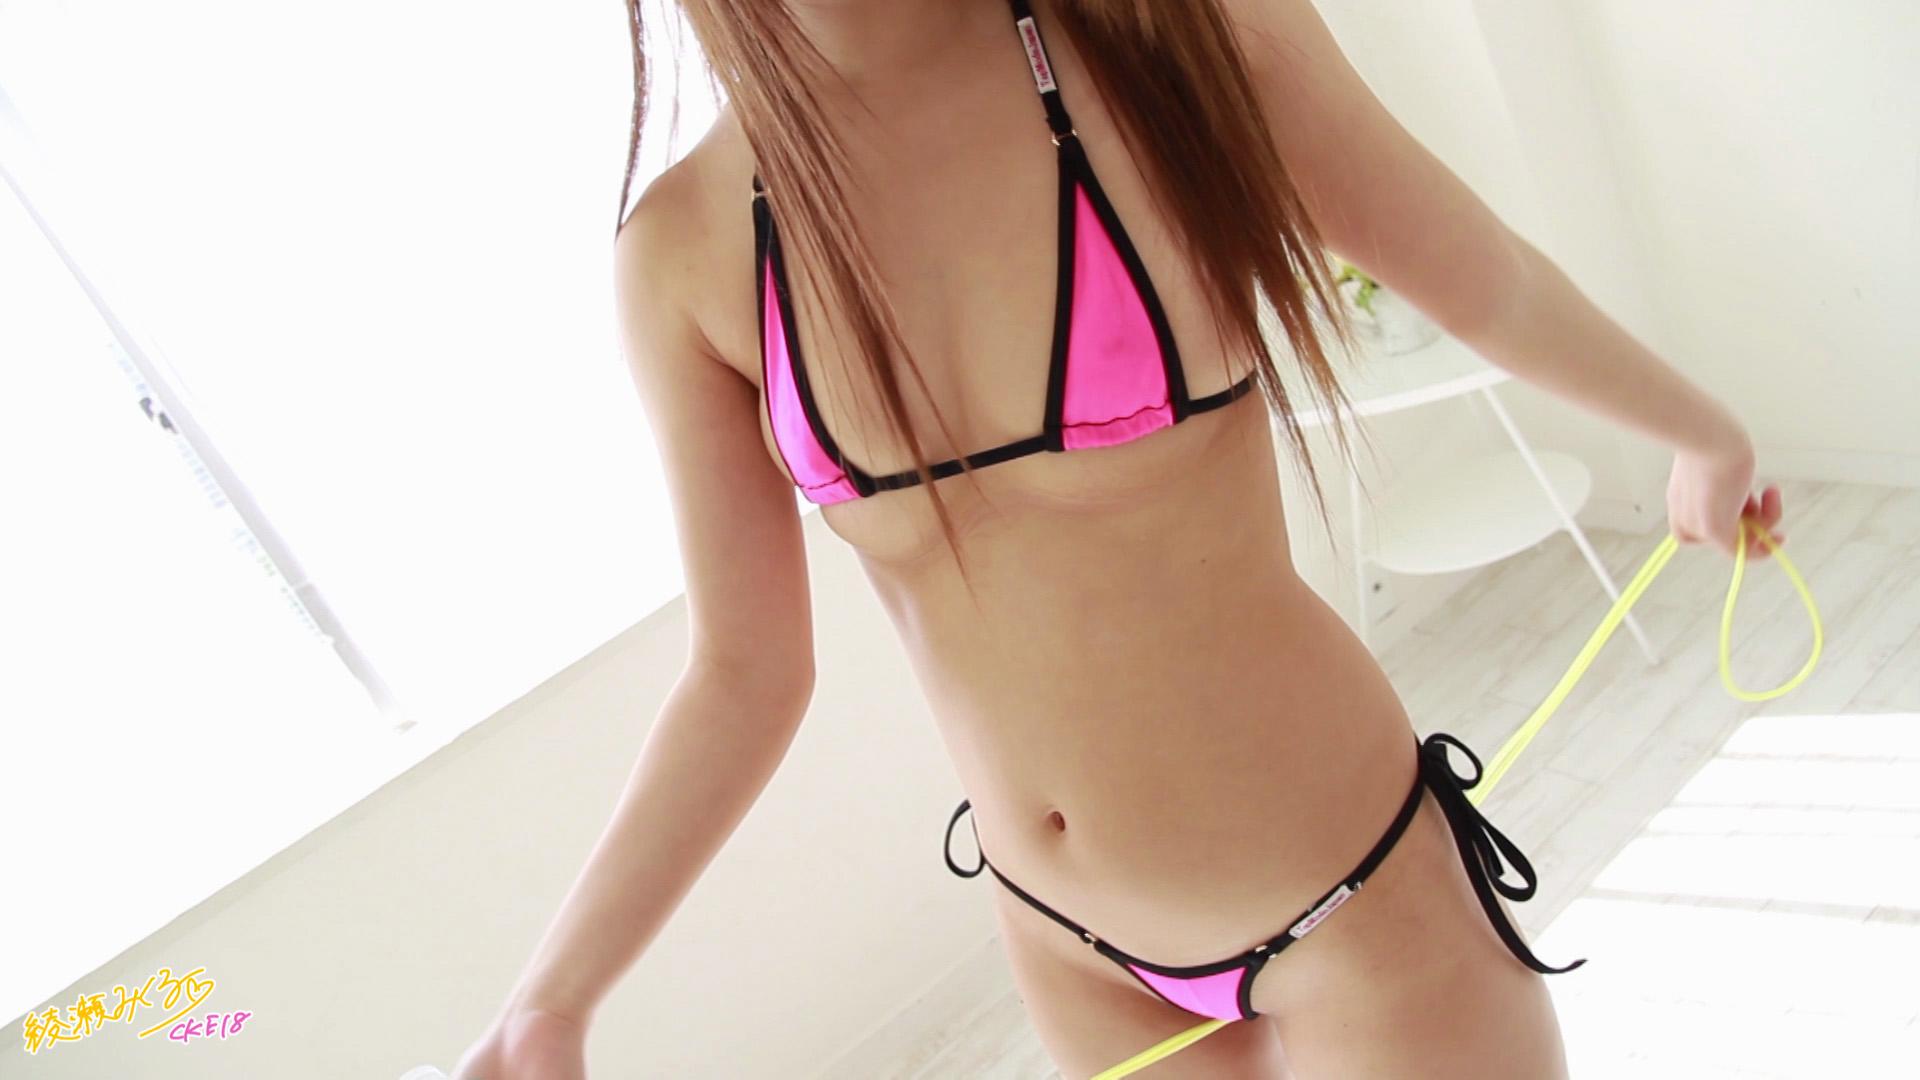 Cane nude spanking girls